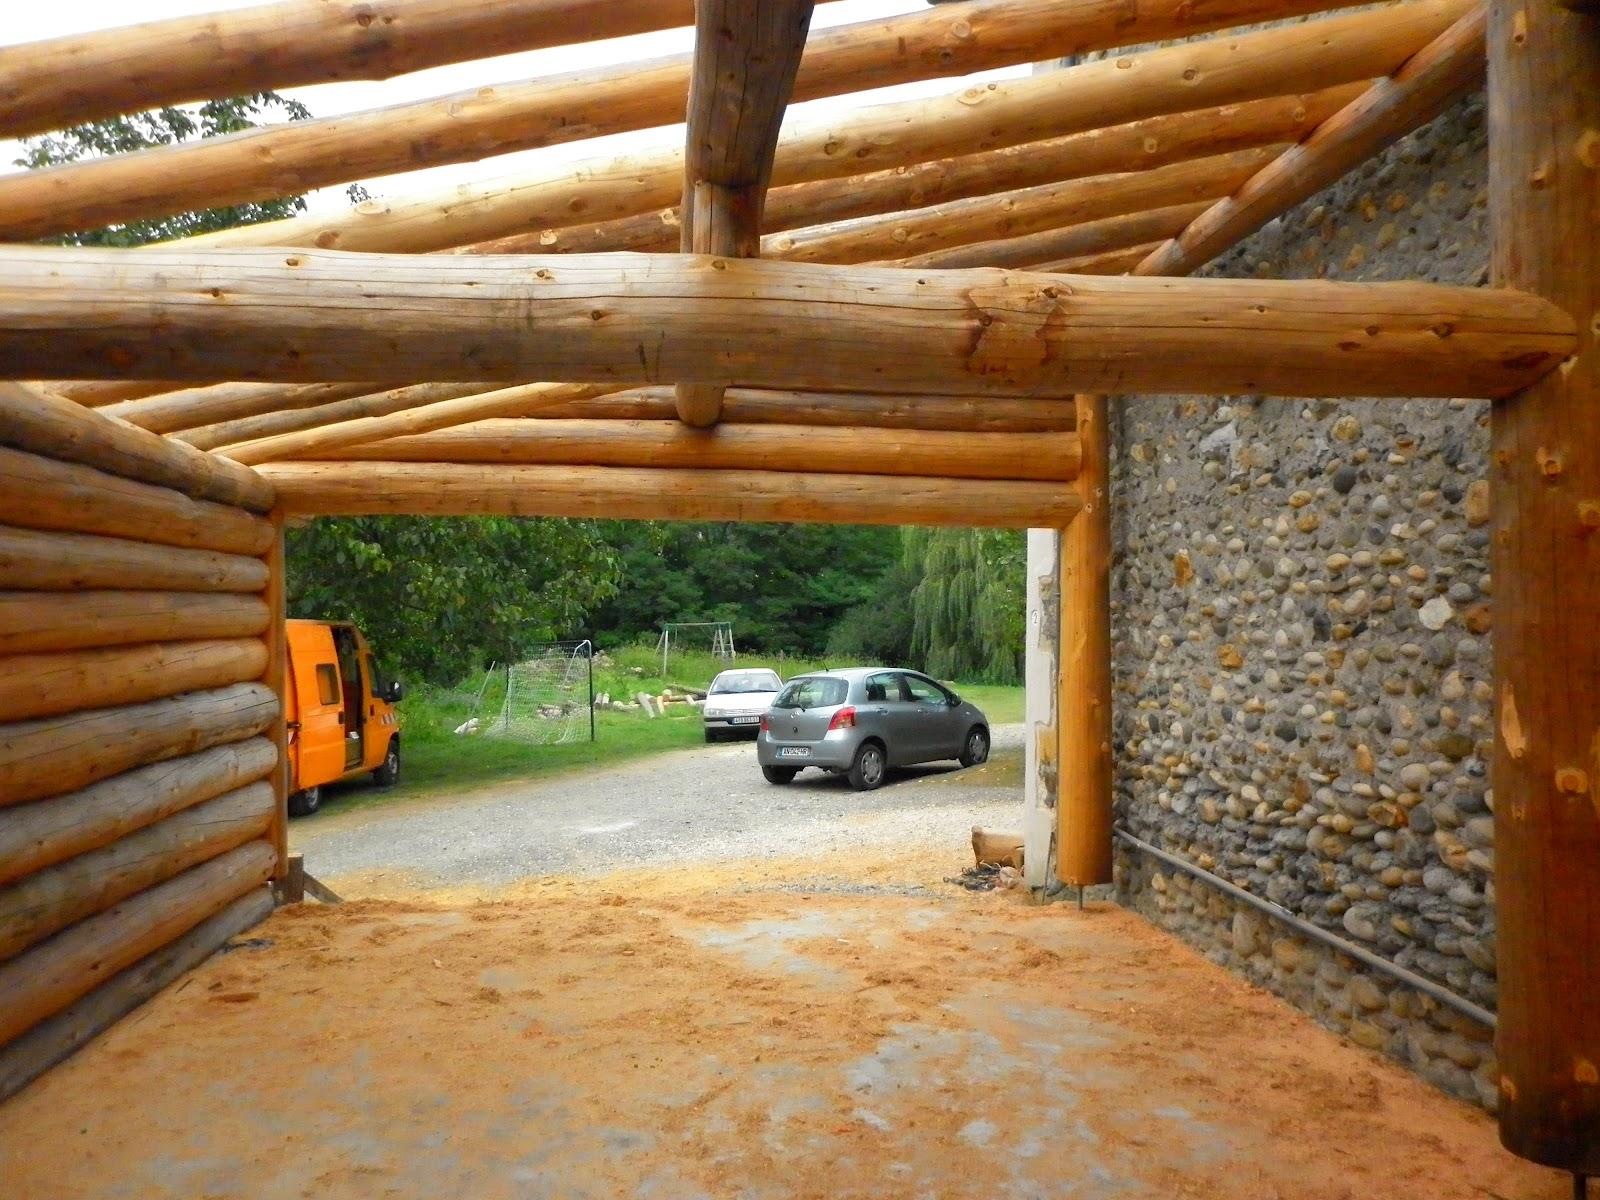 Réalisations ~ Rondins Pyrénées  Constructions en fuste  Elagage  ~ Banc En Rondin De Bois